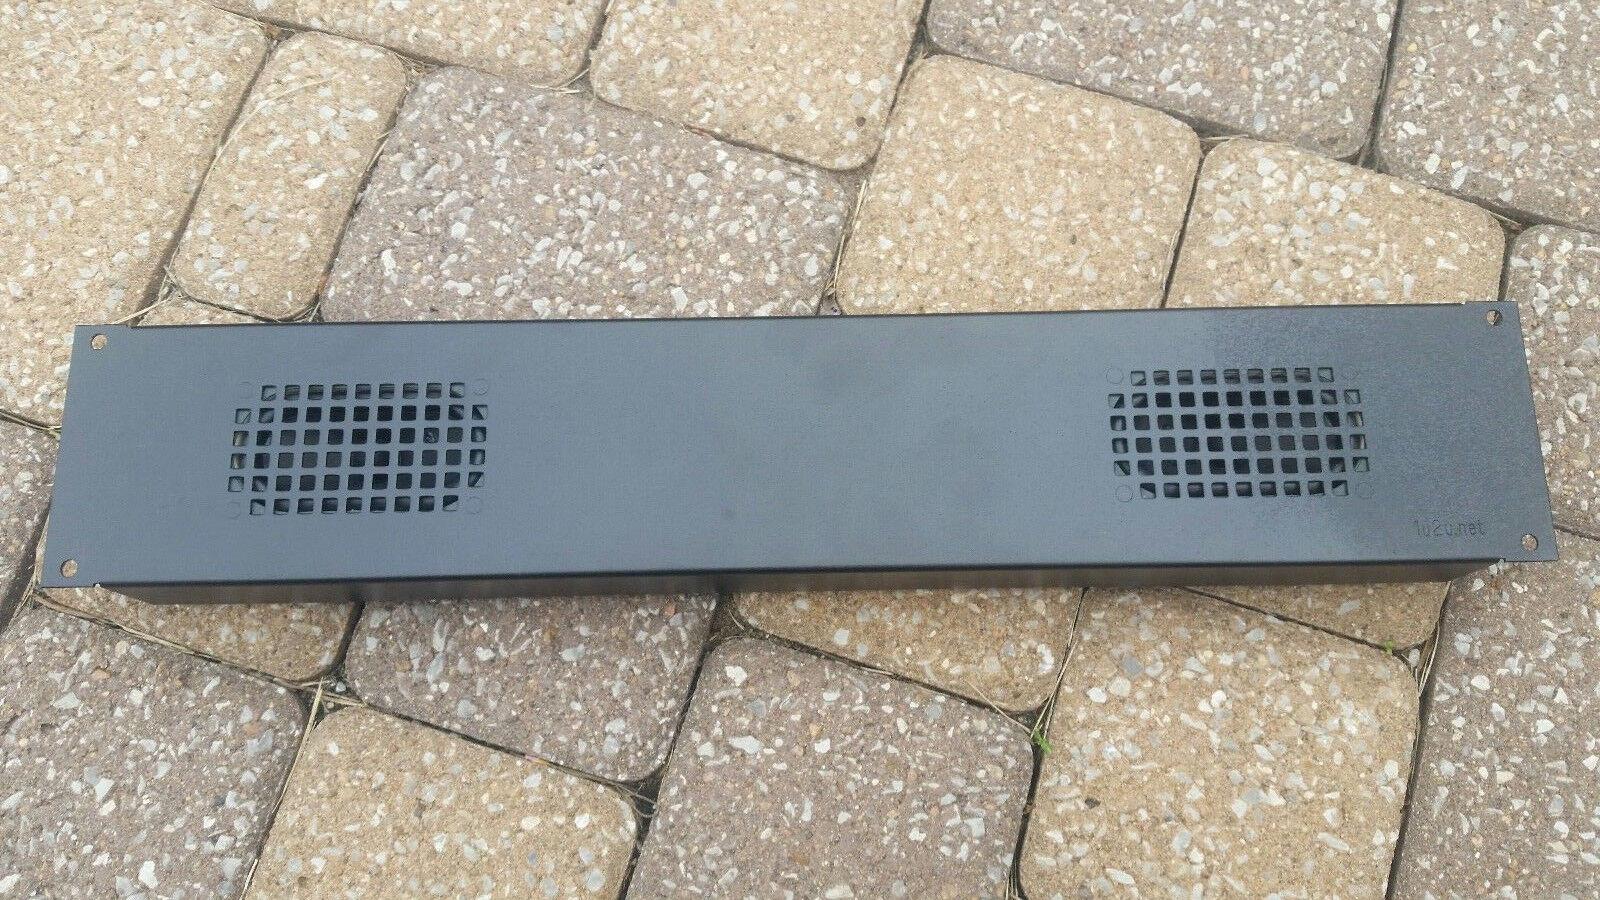 Rack-mount Speaker Pair 2U 3 With 4 Ohm 5 Watt Speakers R-390A - $37.00